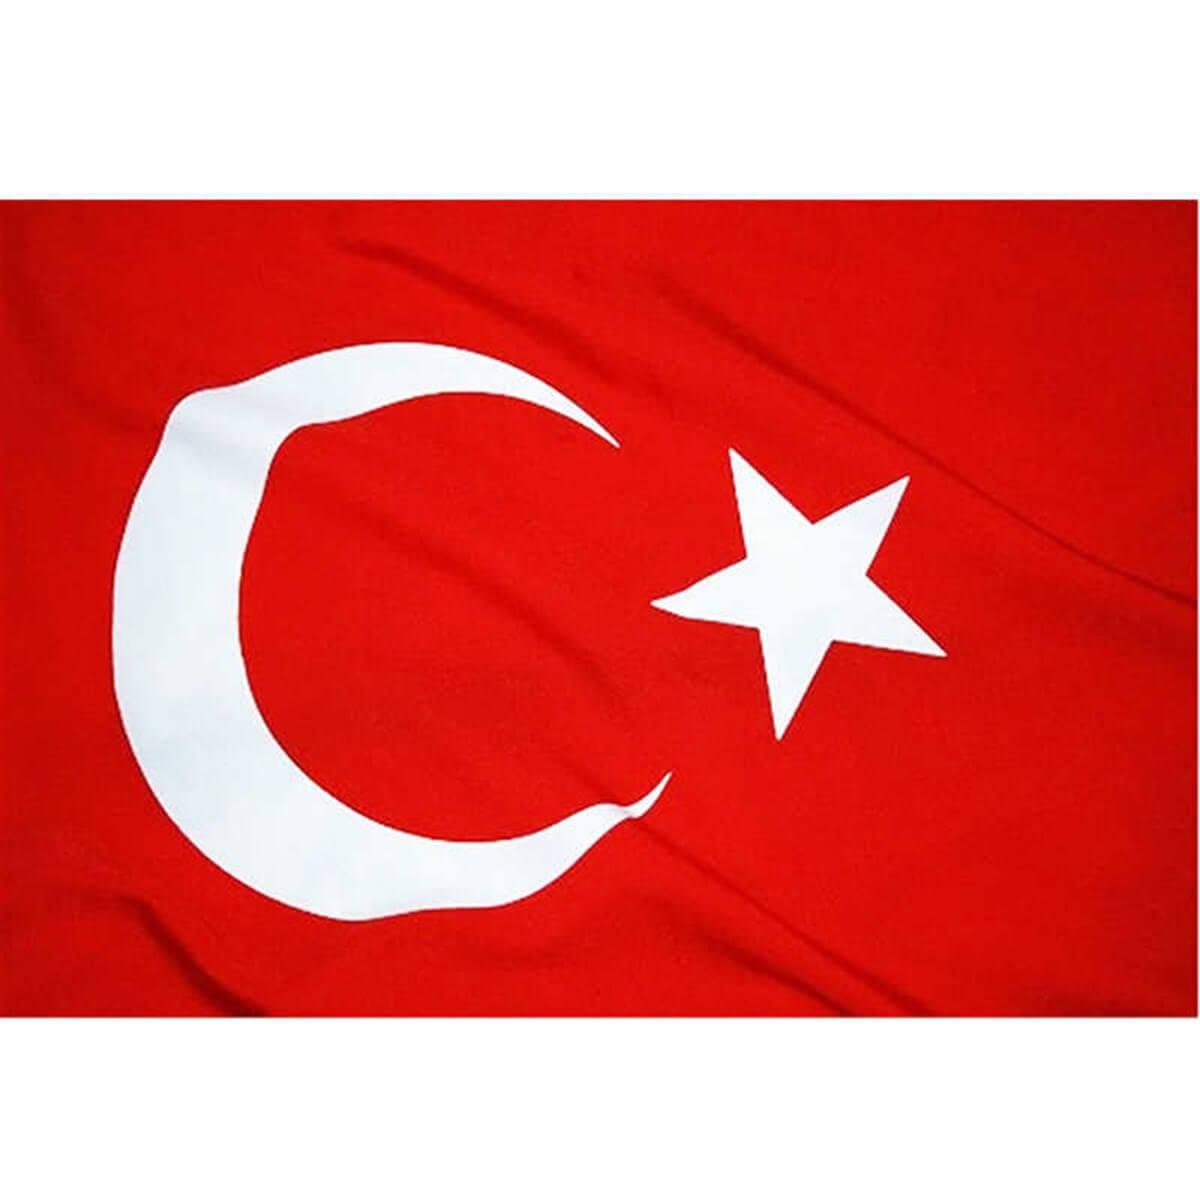 turk-bayraginda-neden-ay-ve-yildiz-var